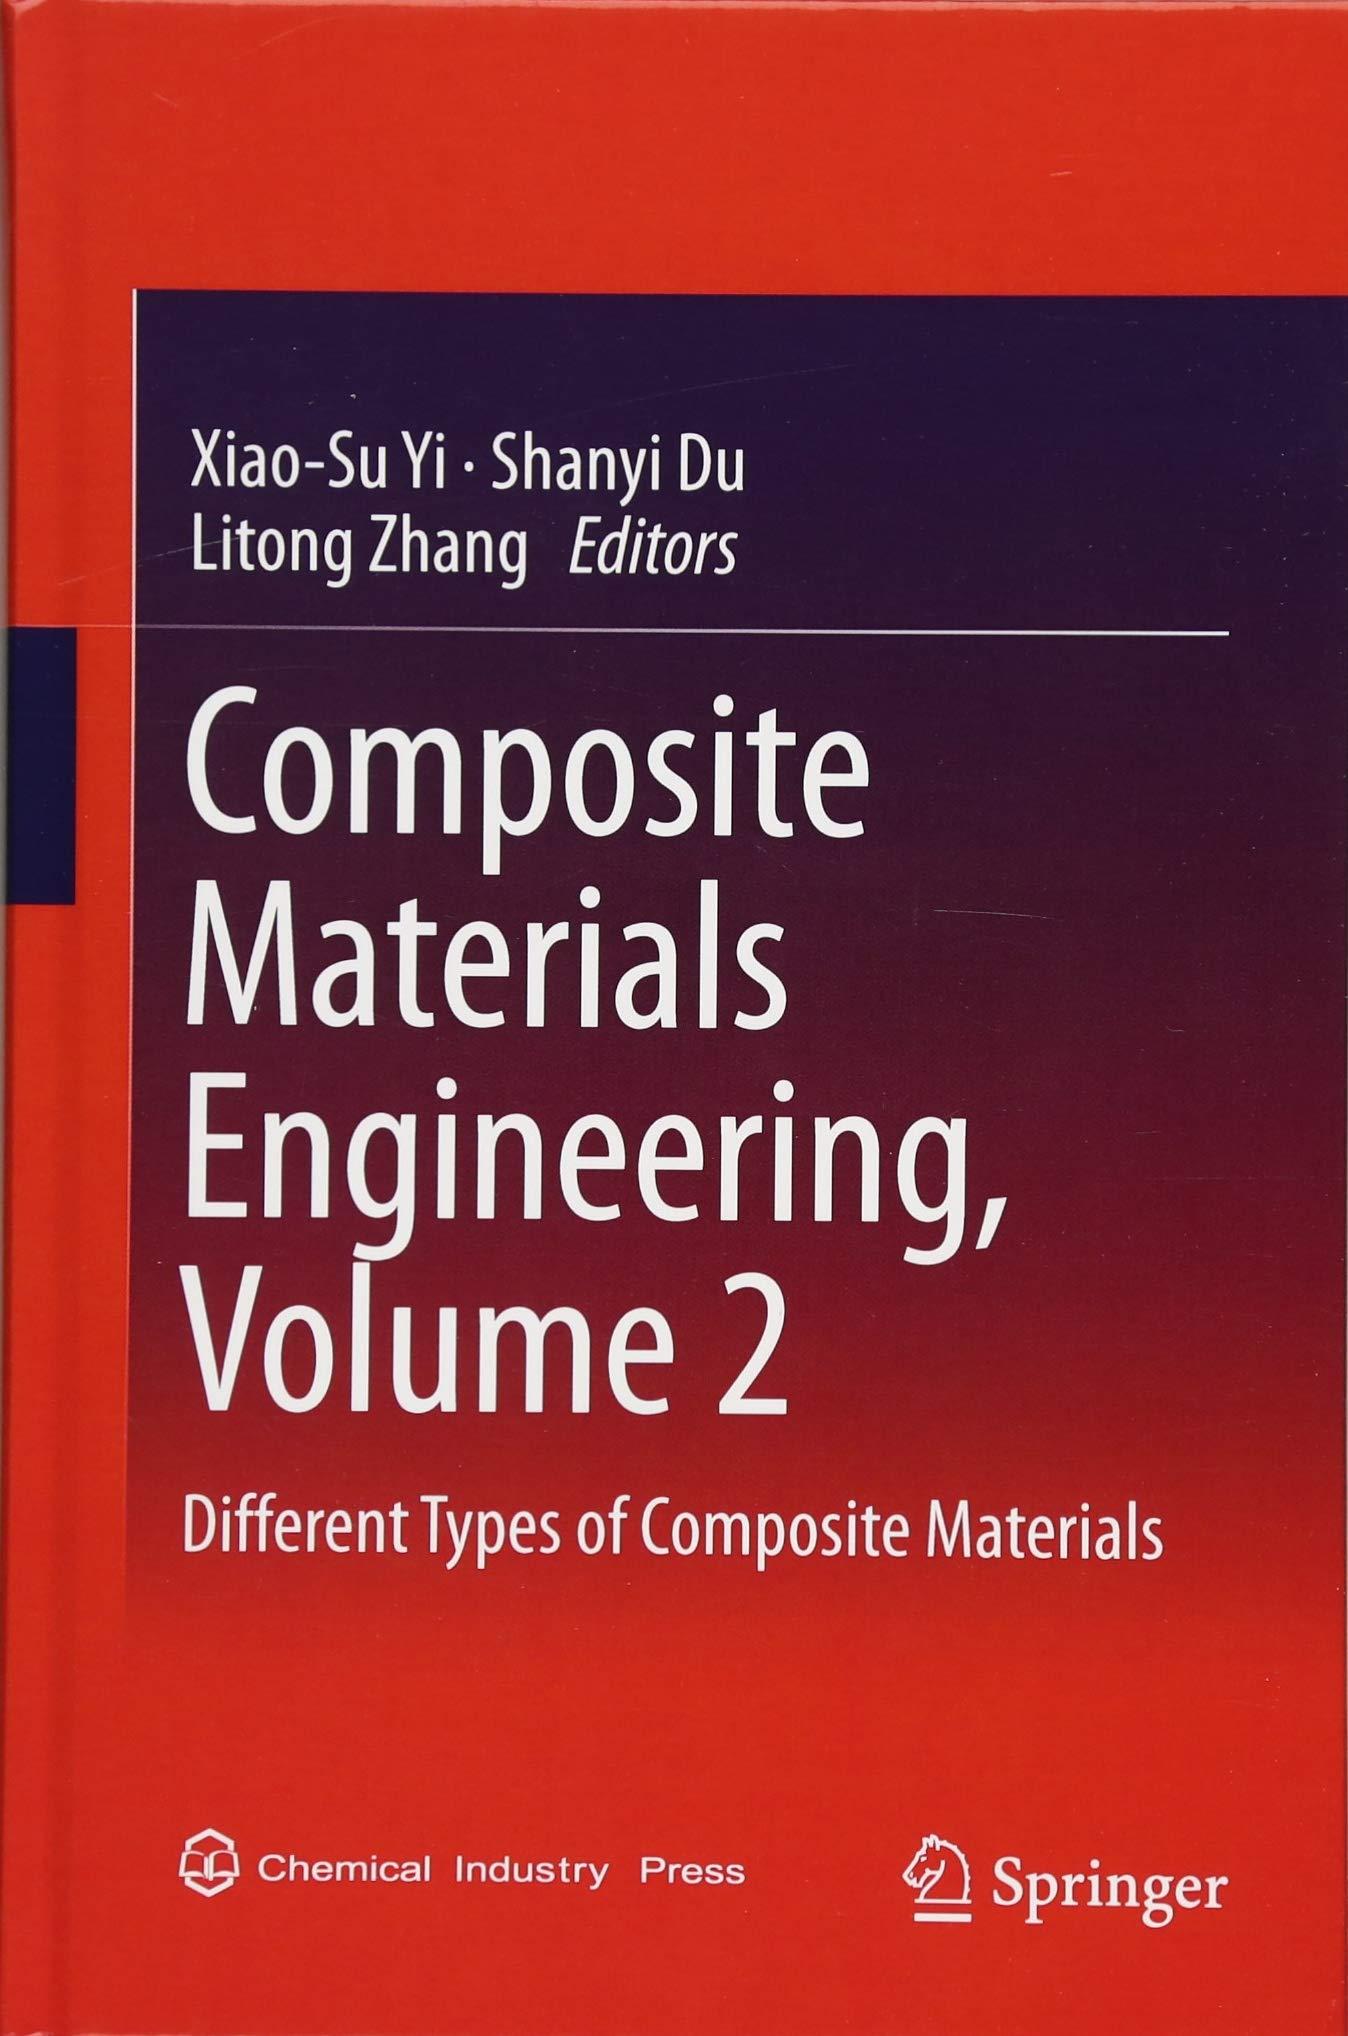 دانلود مجموعه جامع دو جلدی کتاب مهندسی الیاف کامپوزیت منتشر شده در سال 2018 Composite Materials Engineering